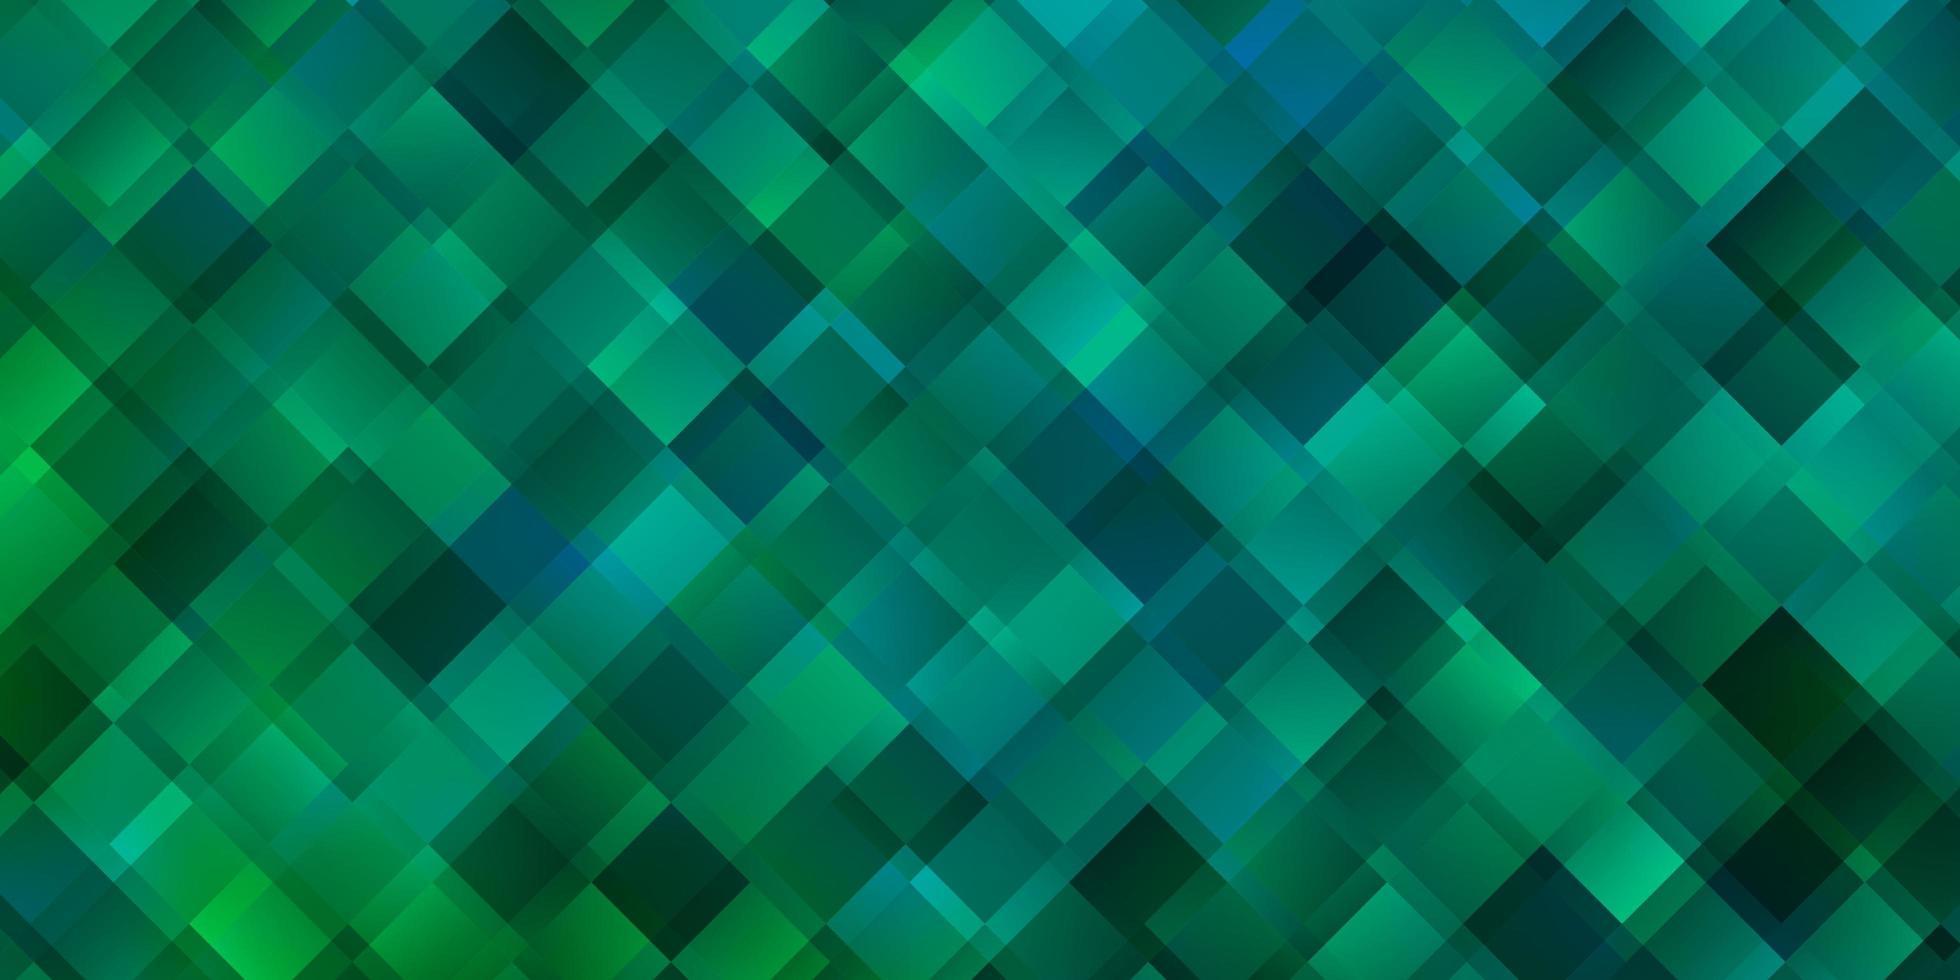 plantilla verde claro con rectángulos. vector